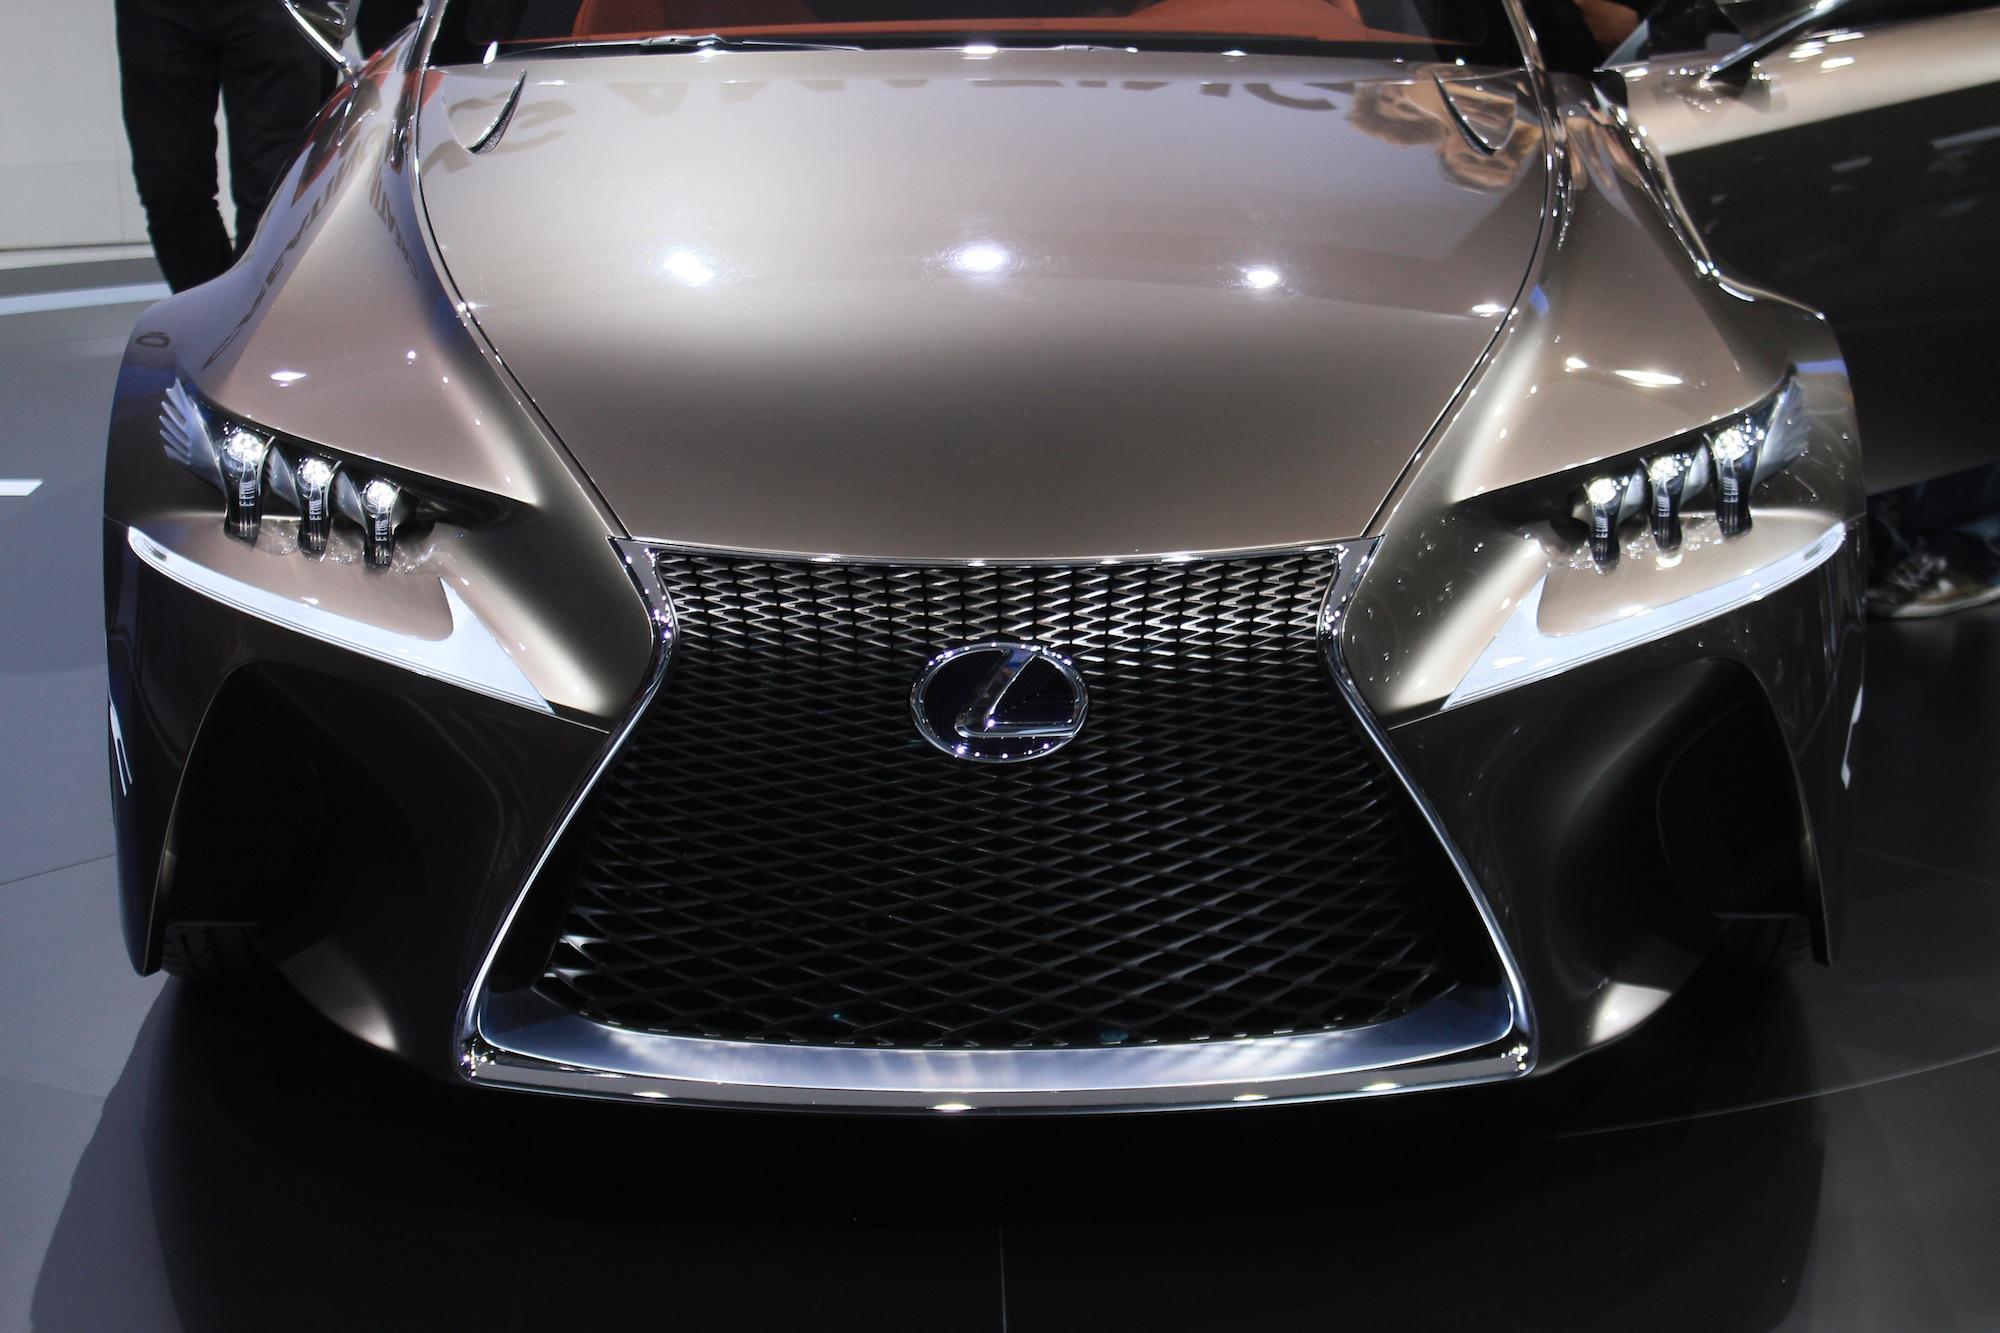 Best electric cars 2017 volkswagen tesla and more the week uk - Lexus Lf Cc Concept Paris Auto Show Live Photos